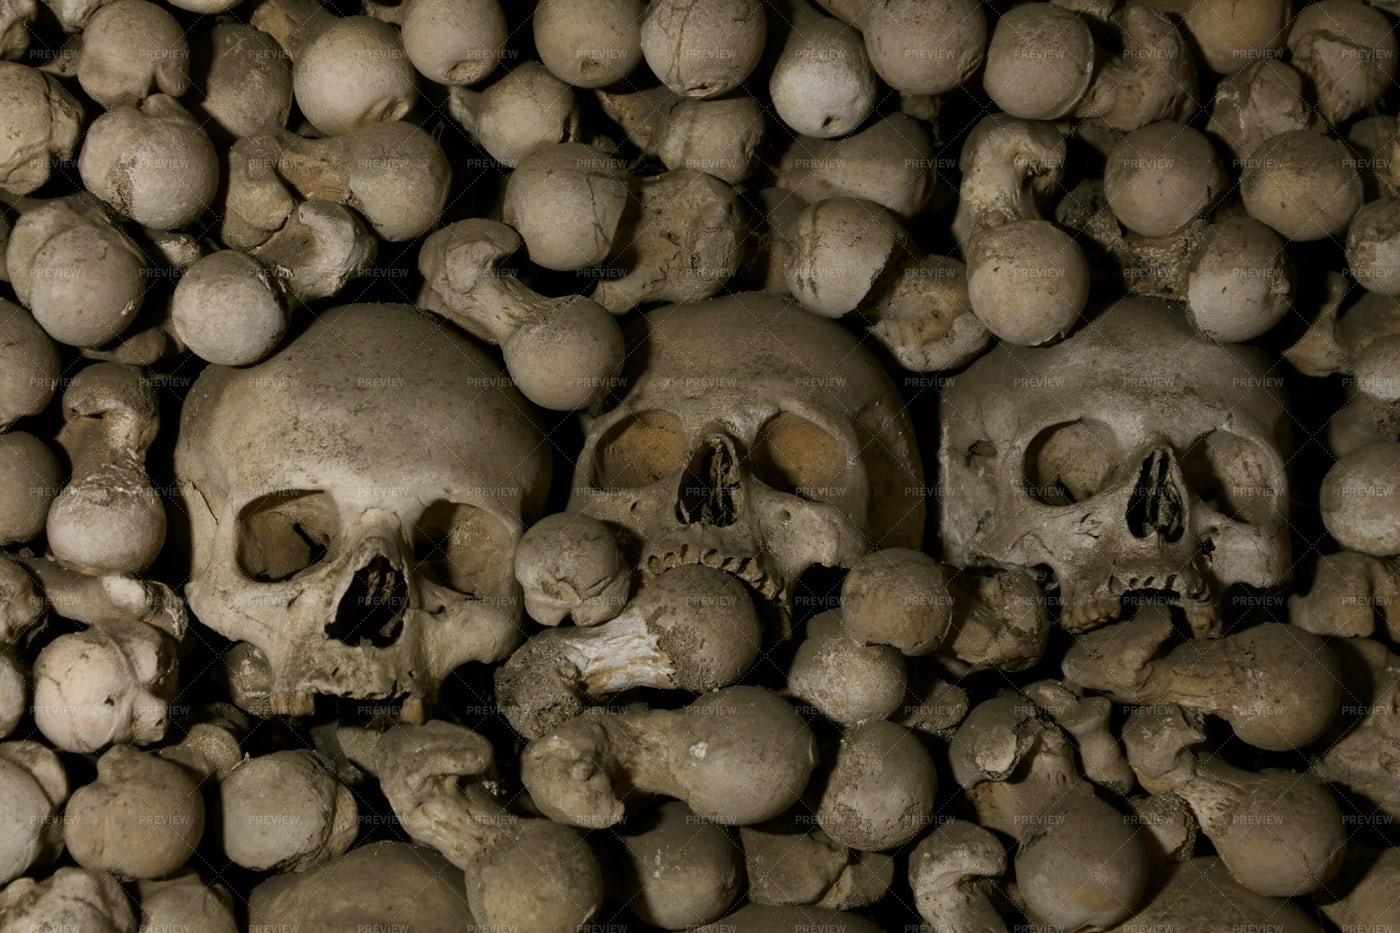 Old Human Skulls And Bones: Stock Photos